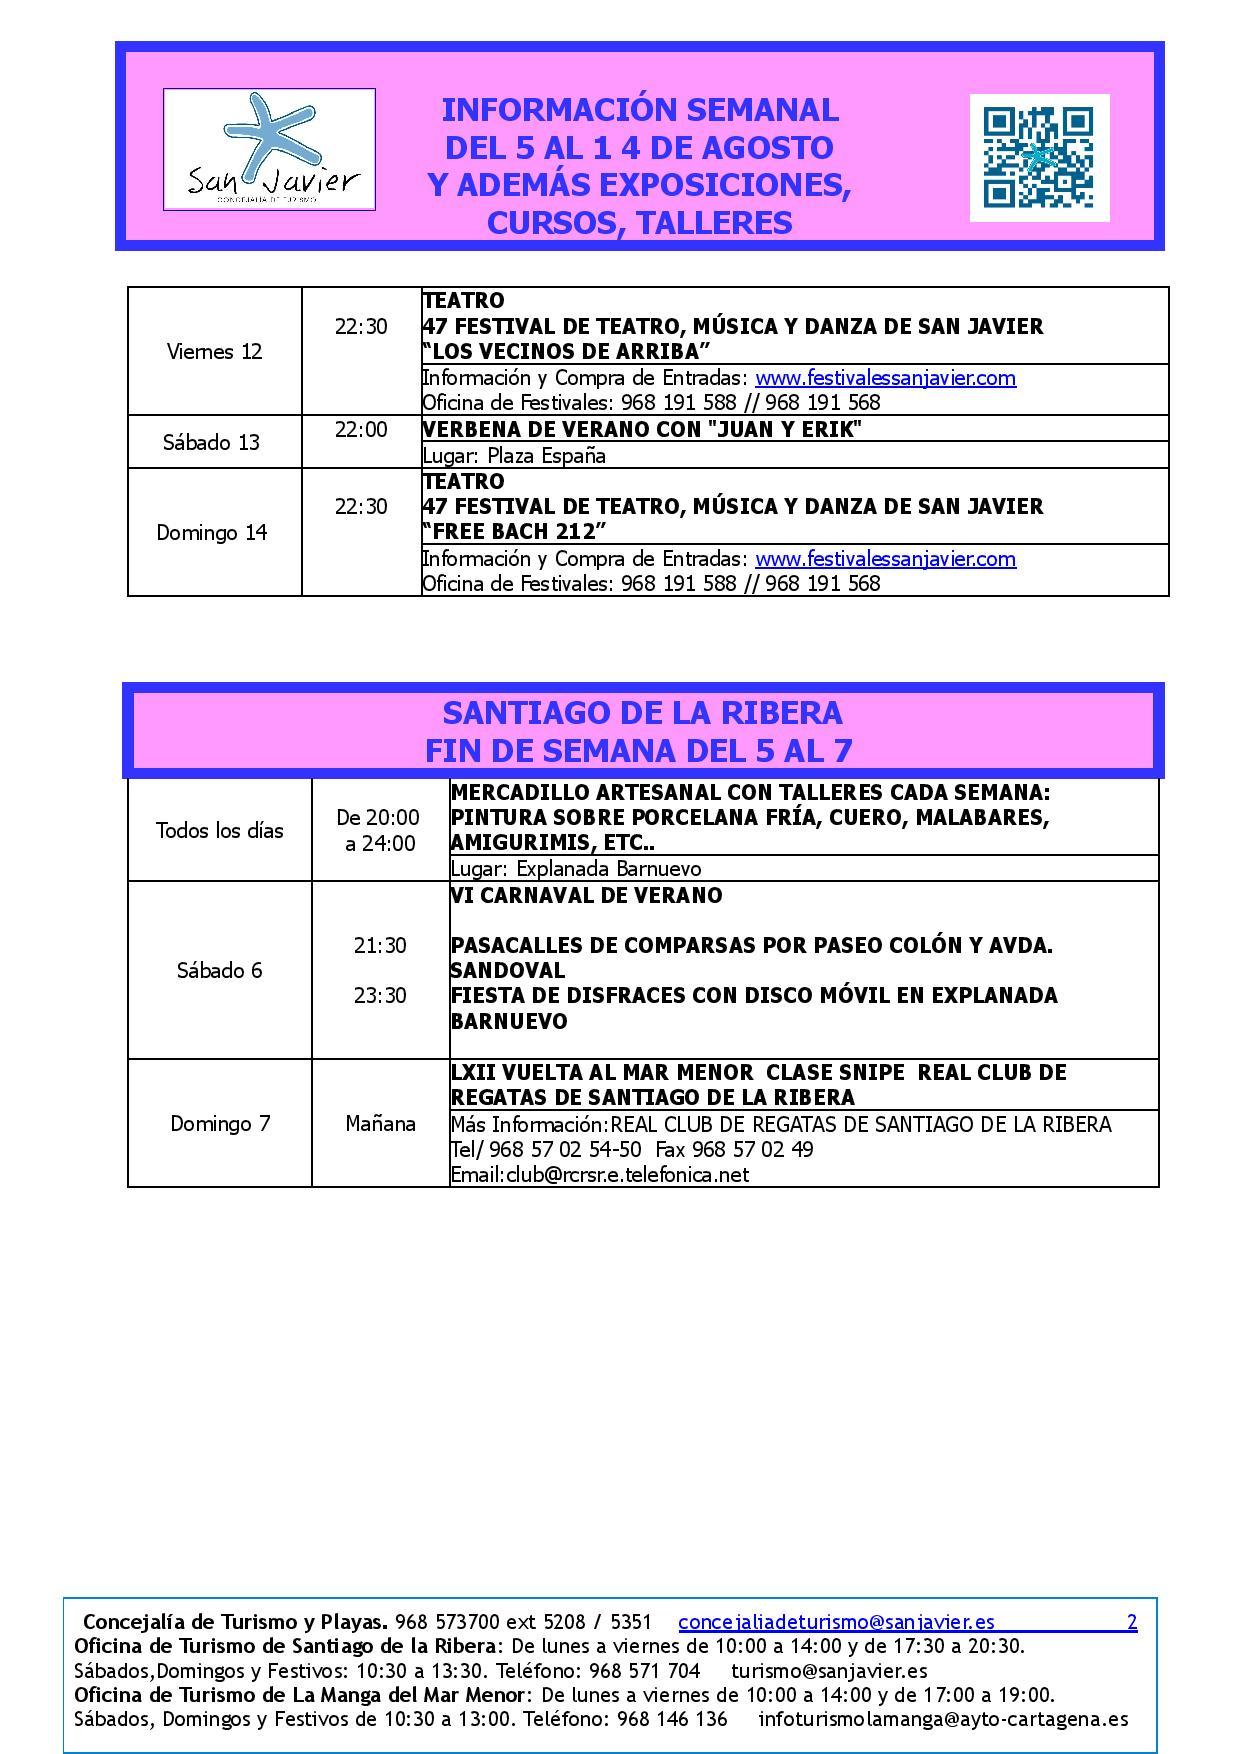 del 5 al 14 de agosto revisado-page-008